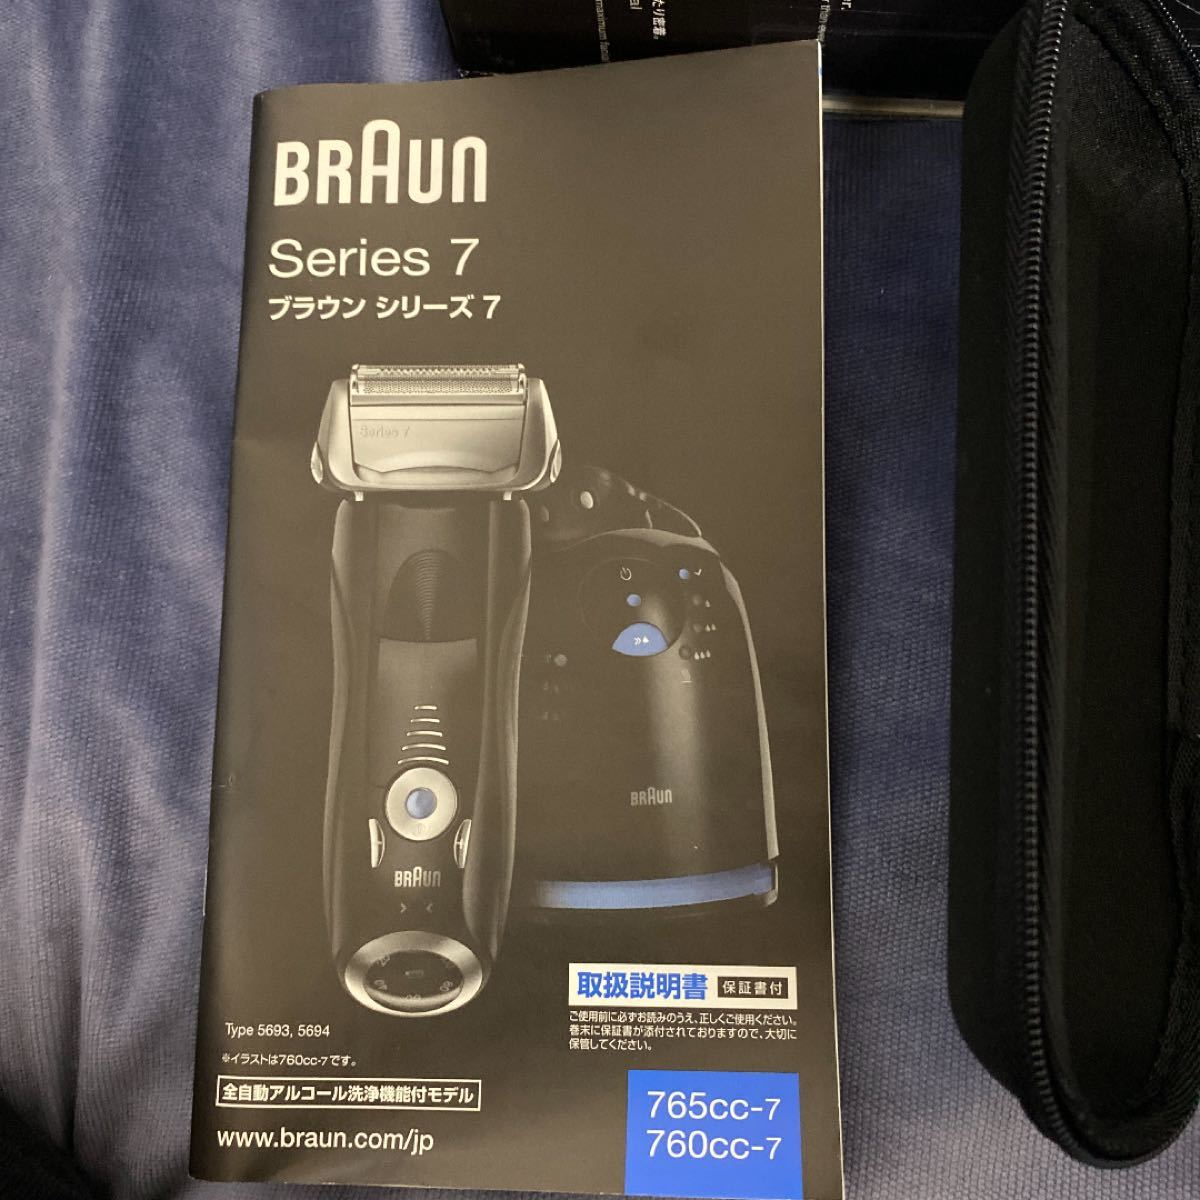 ブラウン BRAUN  シリーズ7 760CC-7-C 洗浄充電器付 3枚刃 海外対応可能 新品未使用